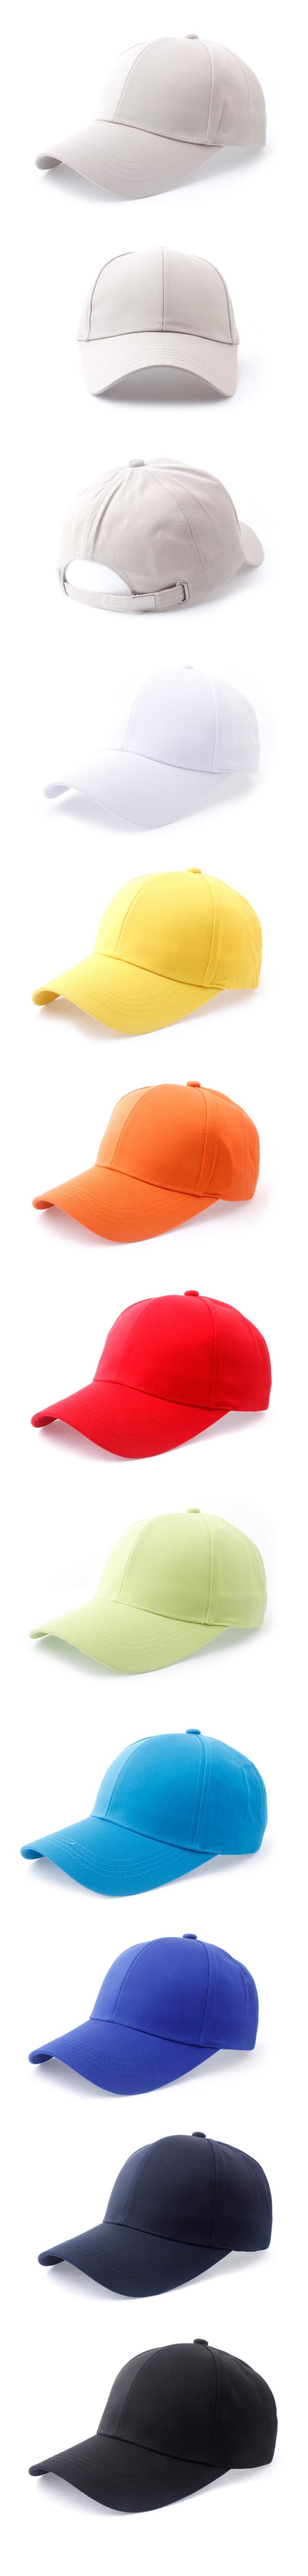 Casquette de sport personnalisée, 1 pièce, chapeau et casquette avec logo, base-ball noir et uni, pour hommes et femmes de corée du sud, vente en gros